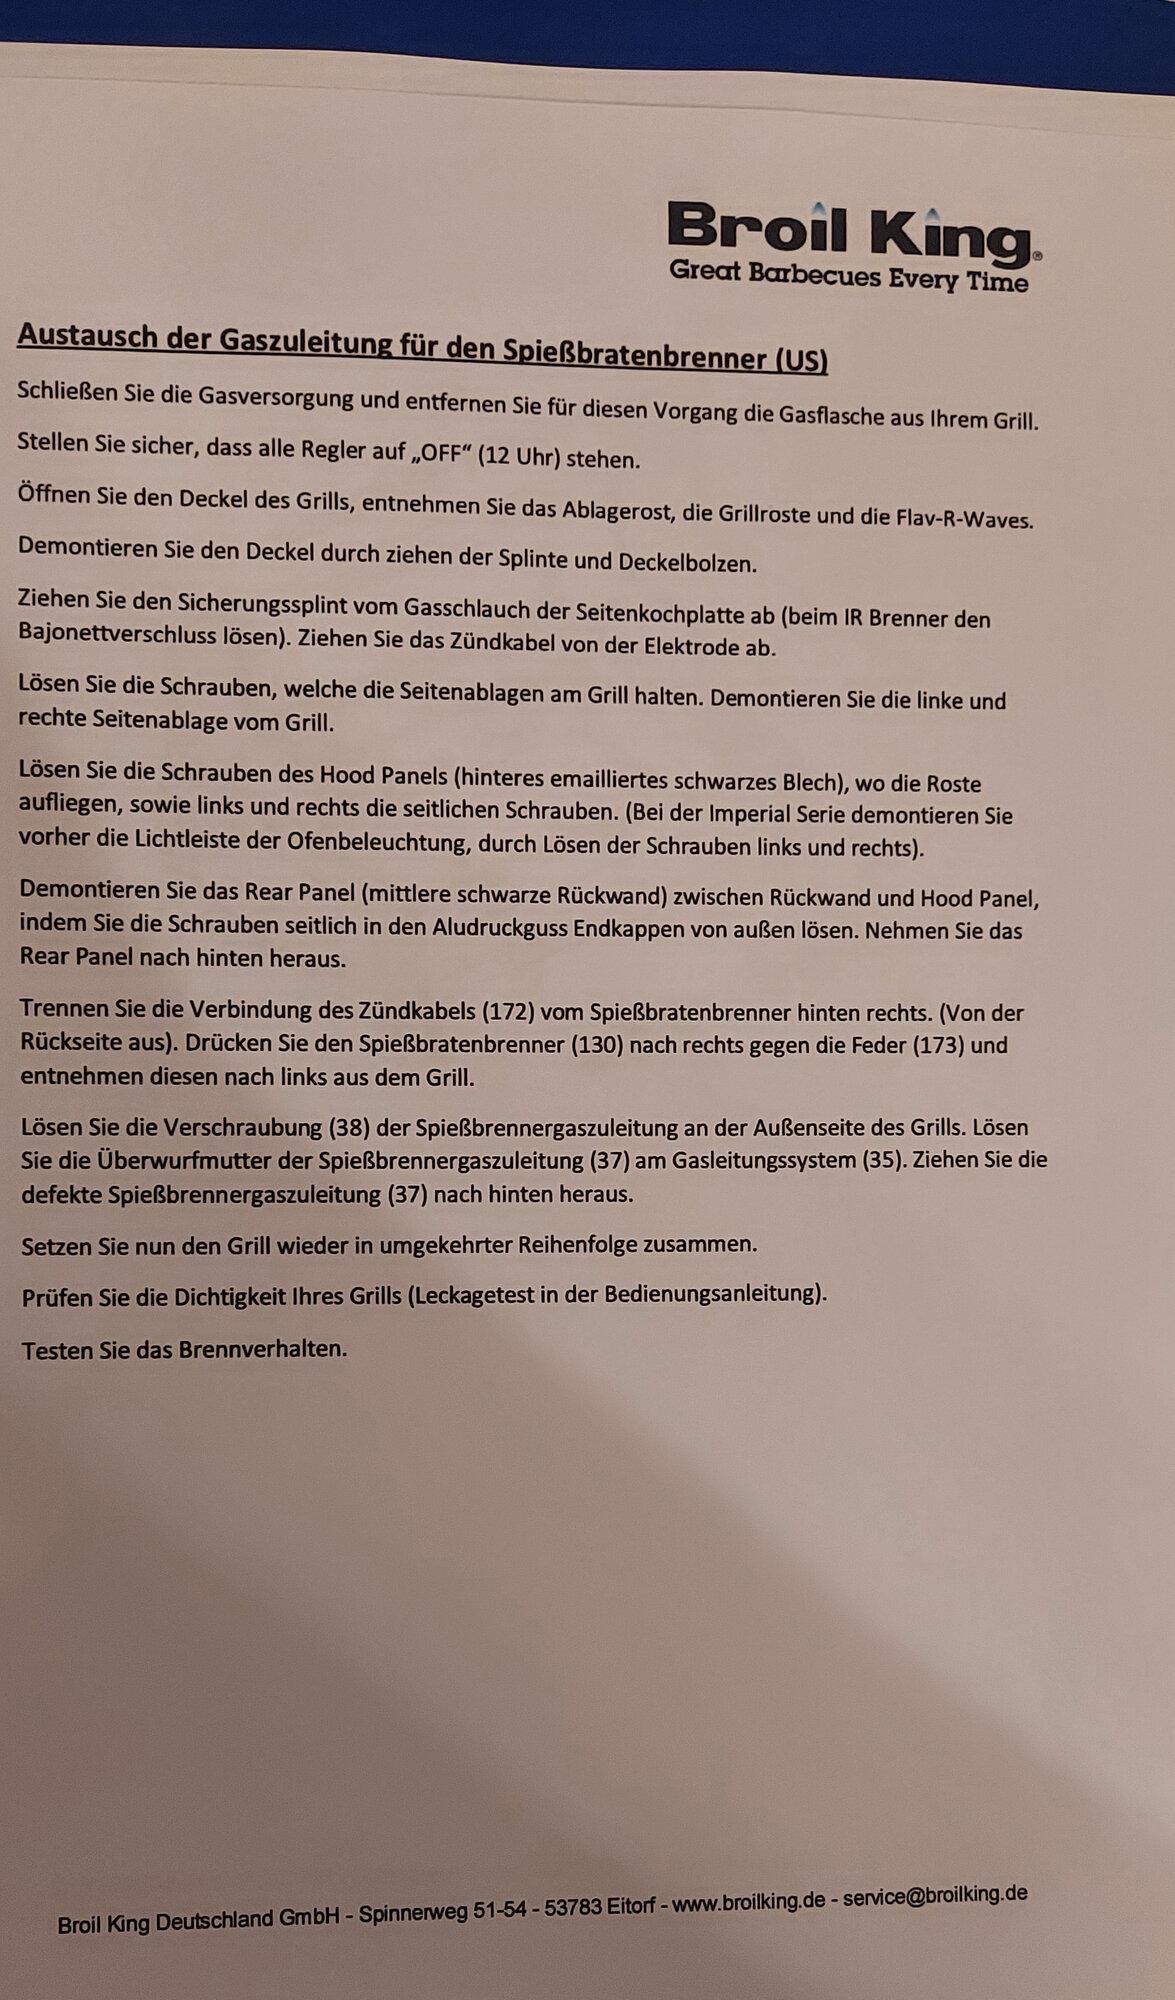 Anleitung_Text.jpg